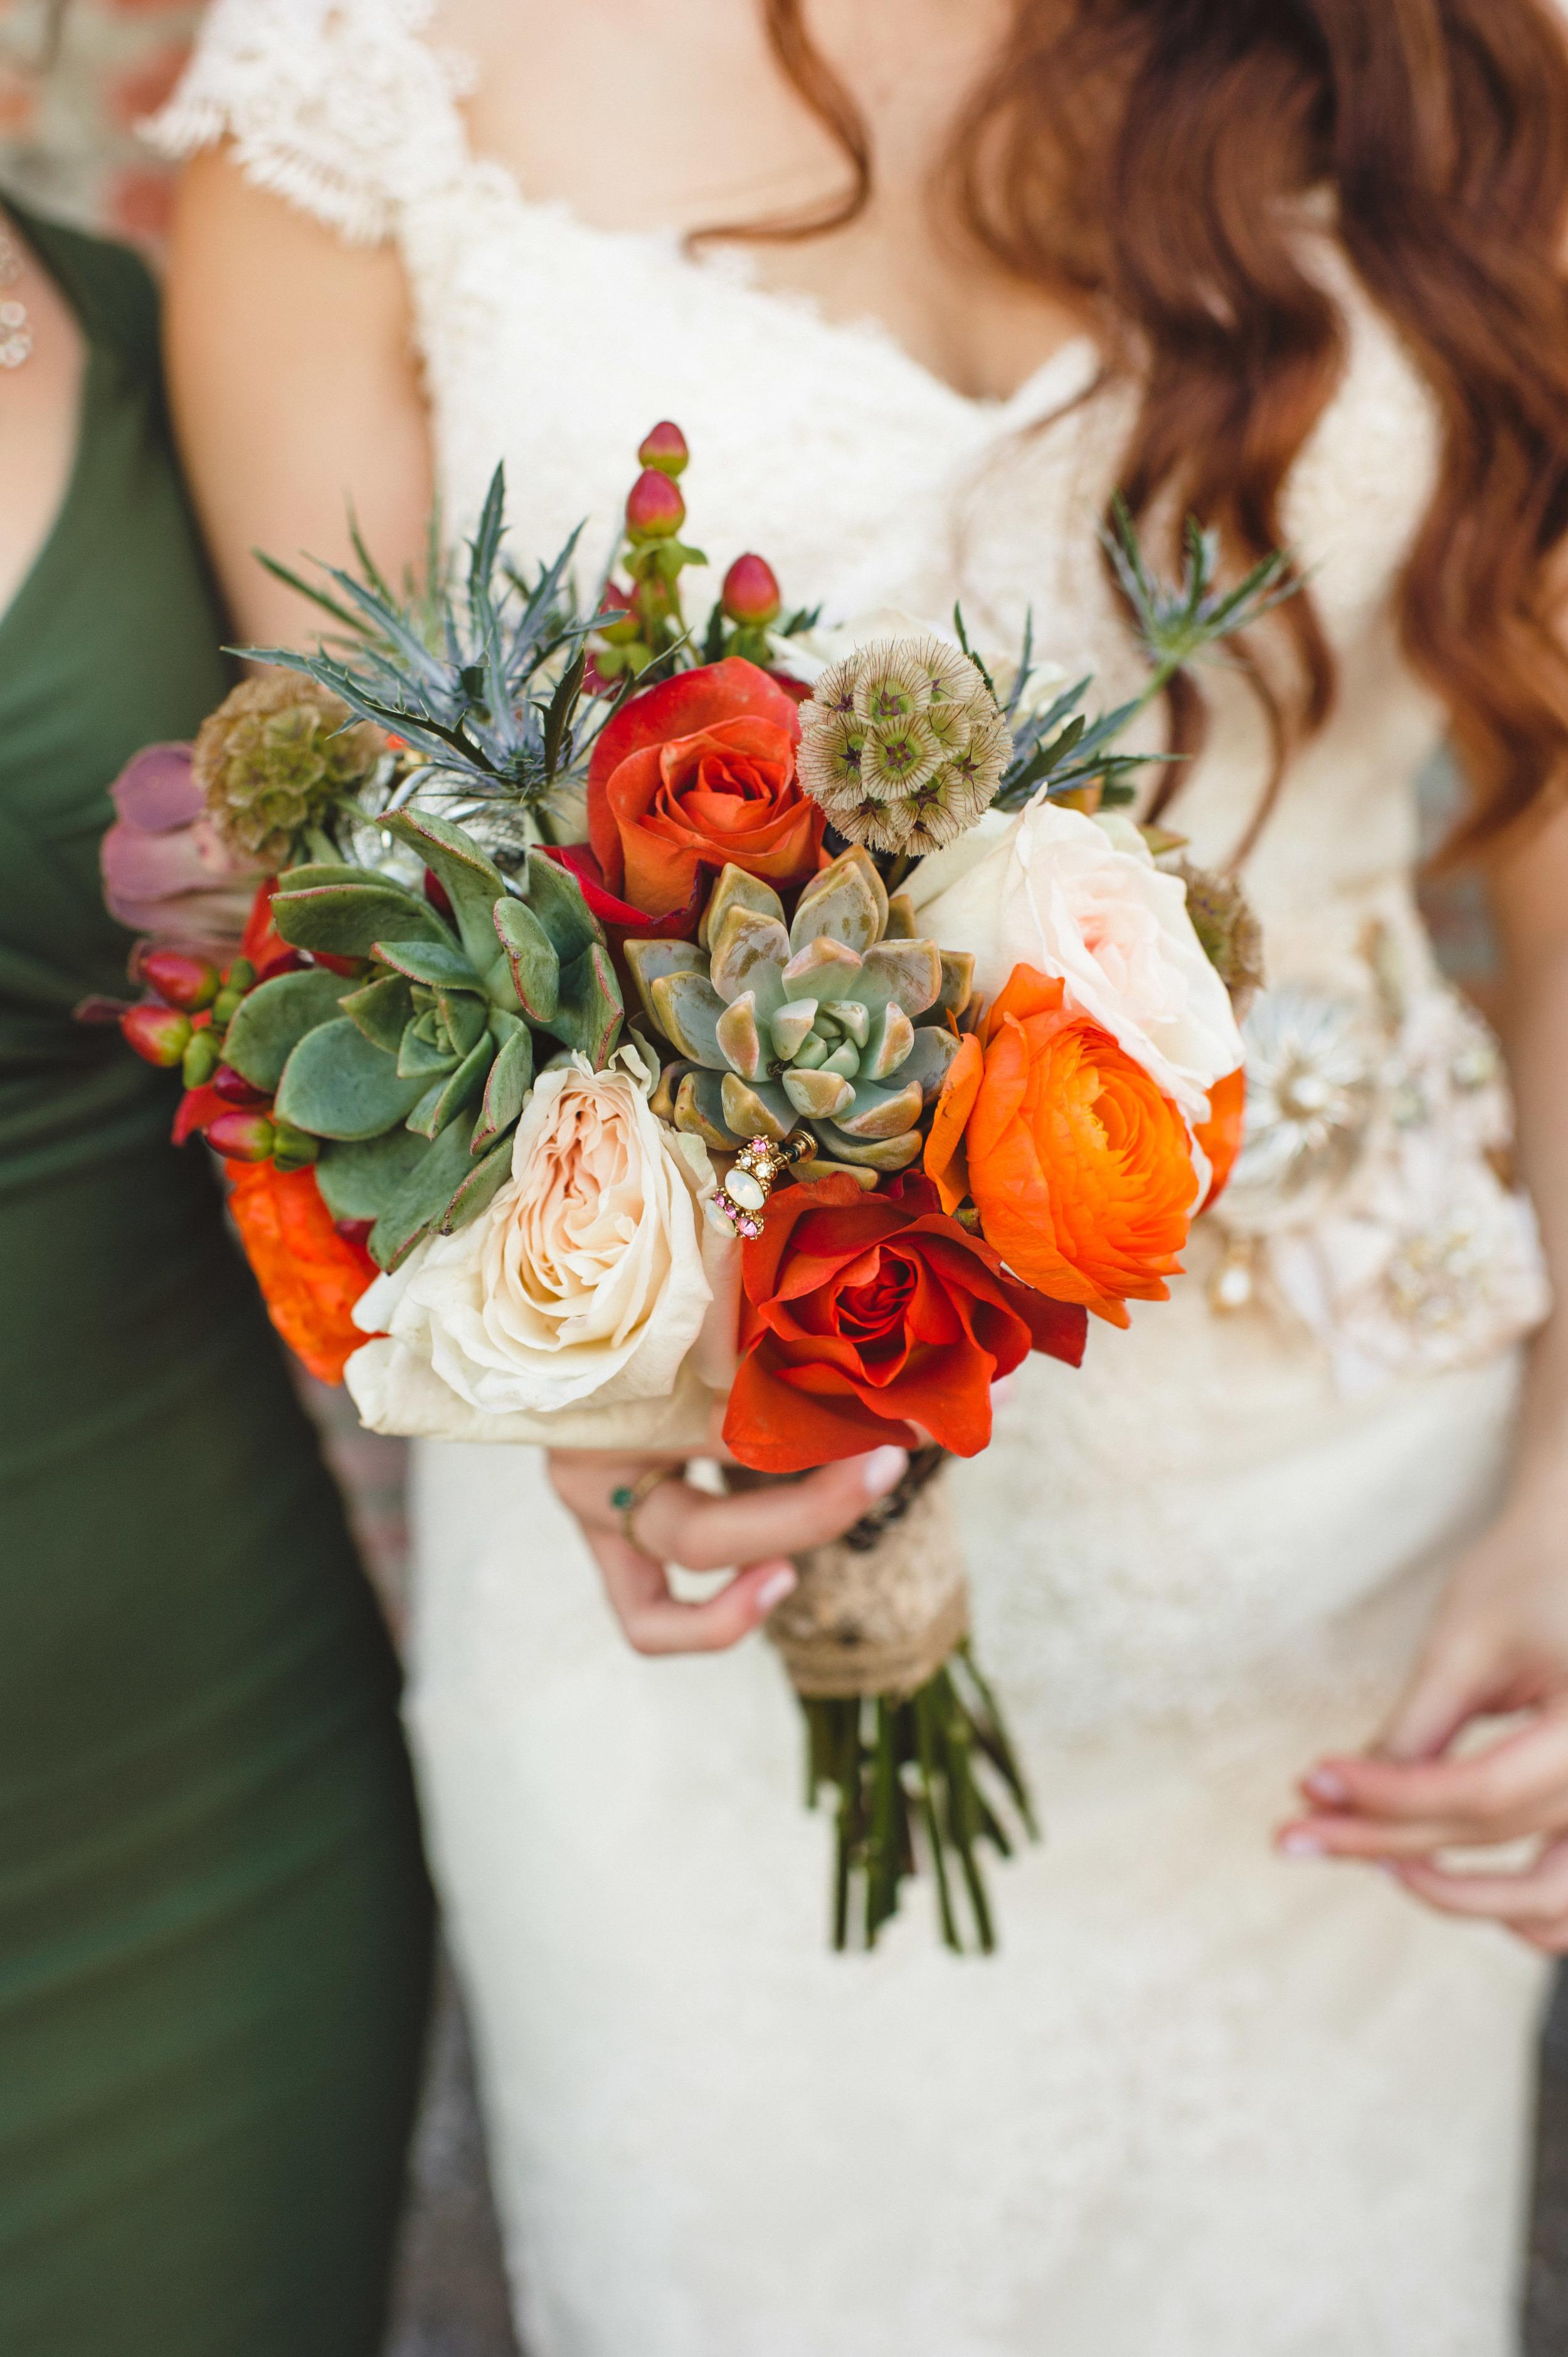 Autumn Bride's Bouquet